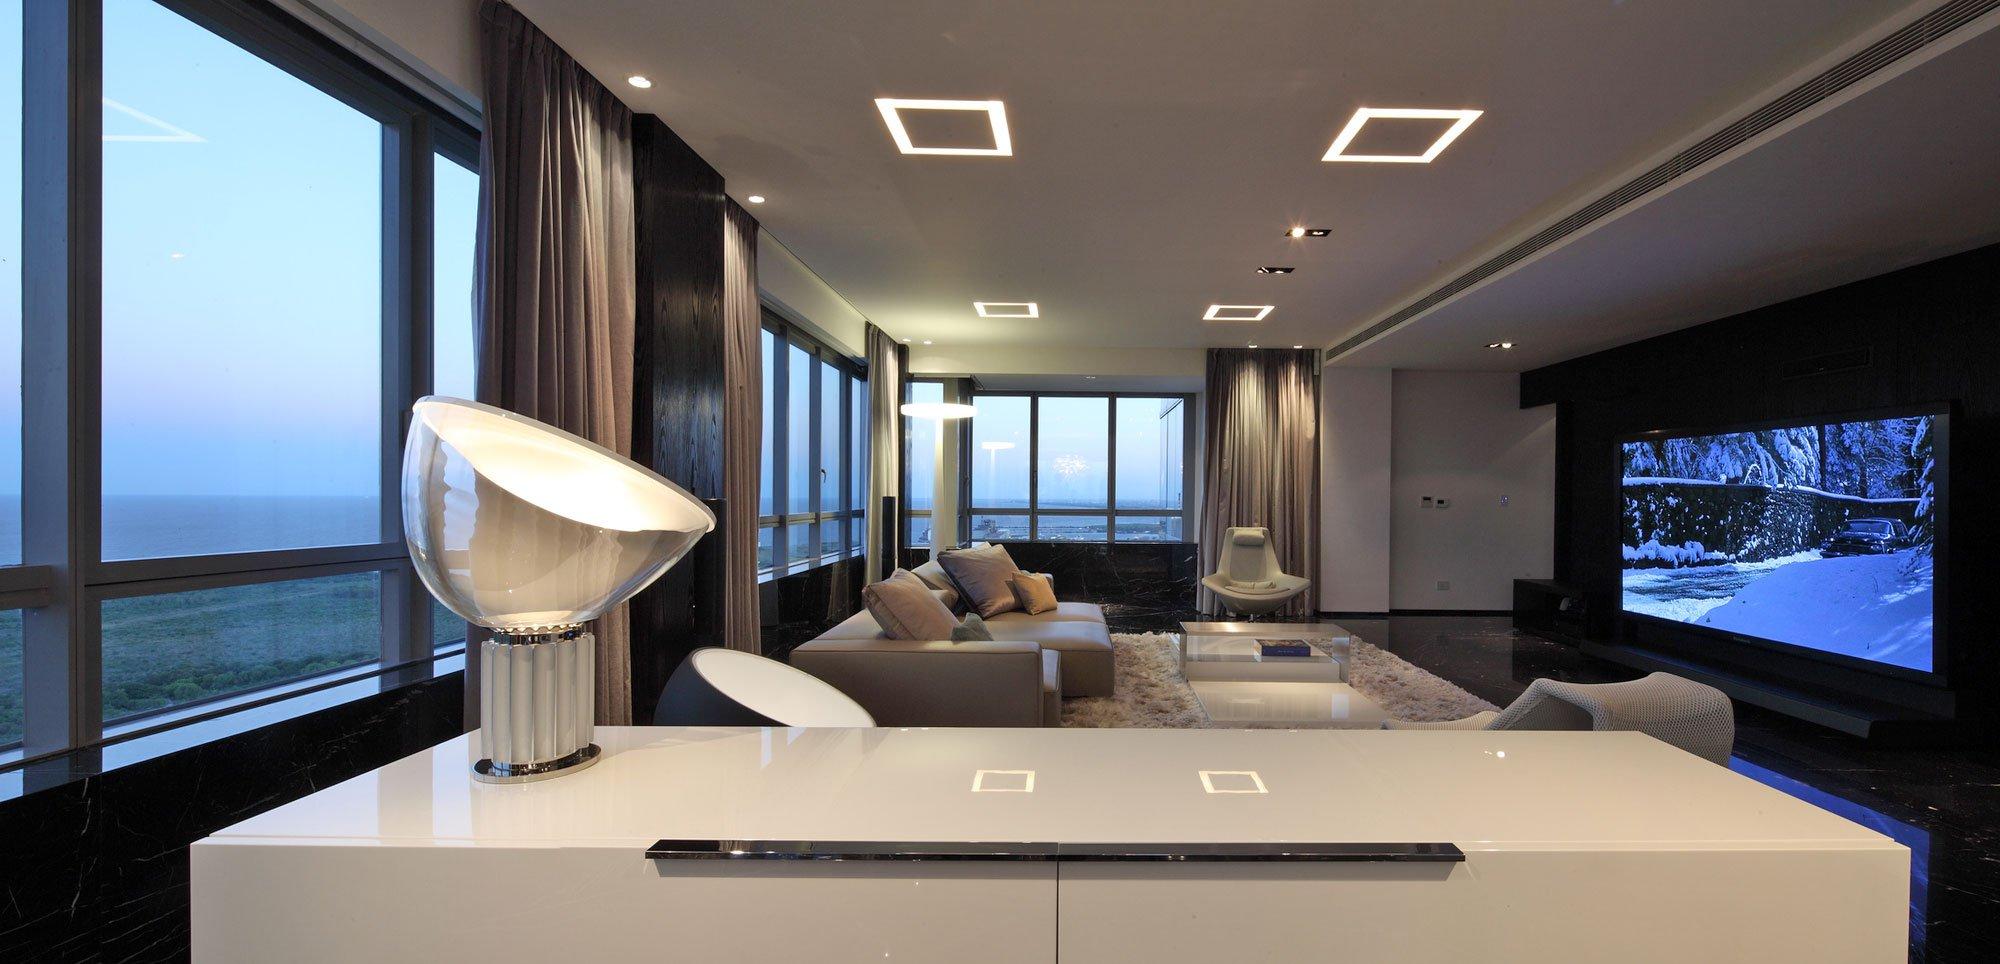 Soggiorno high-tech: design e decorazione